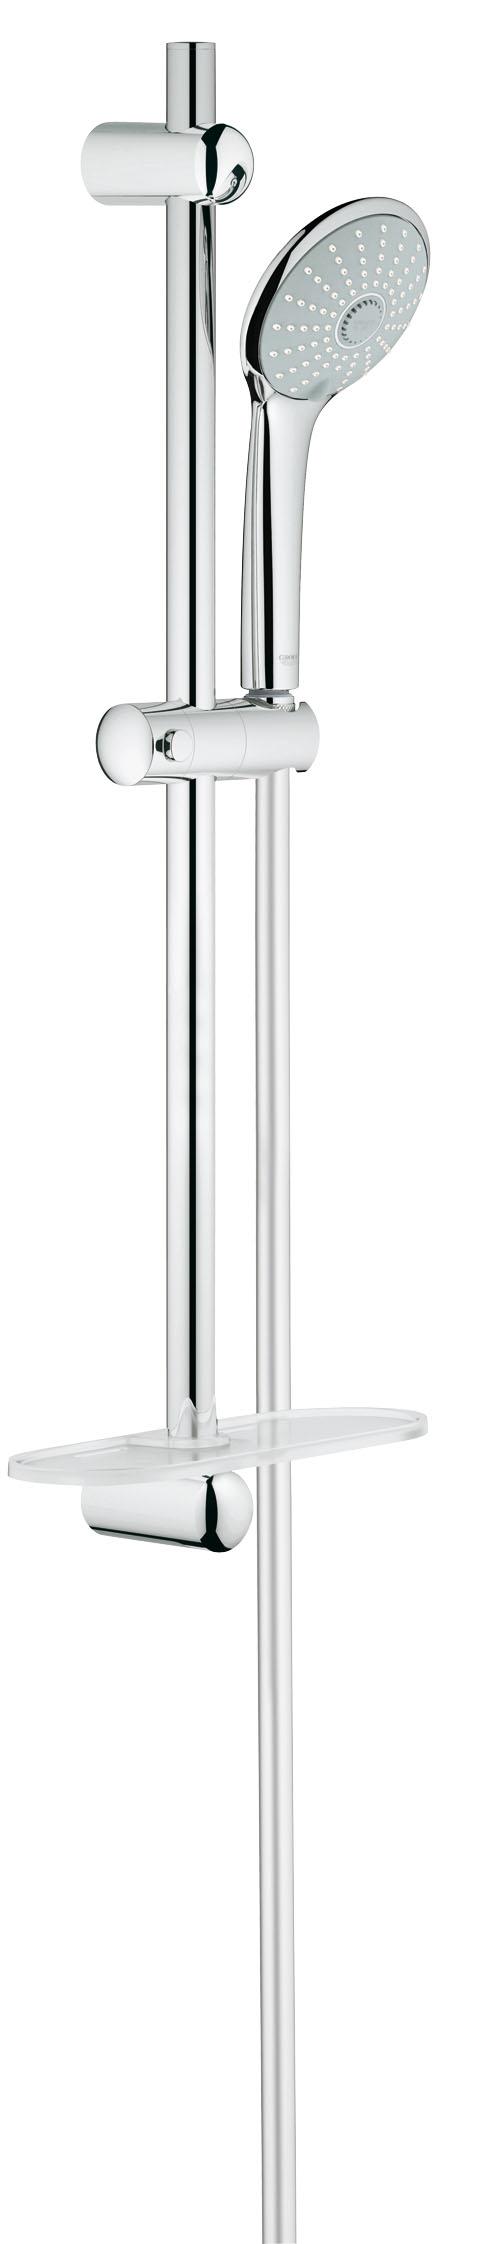 Душевой комплект GROHE Euphoria, штанга 600 мм. (27231001)BA900GROHE Euphoria 110 Massage: душевой гарнитур со штангой для бесподобно расслабляющих душевых процедур Этот ручной душ располагает приятным дополнением к стандартному режиму Rain и его водосберегающей версии SmartRain, а именно расслабляющим режимом Massage, в котором вода подается пульсирующей струей, позволяющей сделать приятный массаж, например, головы и шеи. Наслаждайтесь расслабляющими душевыми процедурами, установив в своей ванной комнате этот душевой гарнитур со множеством достоинств: к примеру, с помощью системы QuickFix Вы сможете быстро и легко установить входящую в комплект 600-миллиметровую душевую штангу, используя имеющиеся отверстия в стене или просверлив новые в межплиточных швах. В комплект входит шланг TwistFree, с которым Вы забудете о распутывании перекрученных душевых шлангов. Благодаря системе предотвращения известкования SpeedClean и хромированному покрытию GROHE StarLight данный гарнитур чрезвычайно неприхотлив в уходе и никогда не утратит своего ослепительного блеска. Комплектацию этого гарнитура идеальным образом дополняет полочка GROHE EasyReach, с которой шампунь и гель для душа всегда будут у Вас под рукой.Особенности:Включает в себя: Ручной душ Massage (27 221 000) Душевая штанга, 600 мм (27 499 000) GROHE QuickFix (регулируемое расстояние между настеннымиКреплениями штанги позволяет использовать для монтажаУже имеющиеся отверстия в стене)Душевой шланг 1750 мм (28 388 000) Полочка GROHE EasyReach™(27 596 000) GROHE DreamSpray превосходный поток воды GROHE SprayDimmer GROHE StarLight хромированная поверхностьС системой SpeedClean против известковых отложений Внутренний охлаждающий канал для продолжительного срока службы Twistfree против перекручивания шлангаВидео по установке является исключительно информационным. Установка должна проводиться профессионалами!